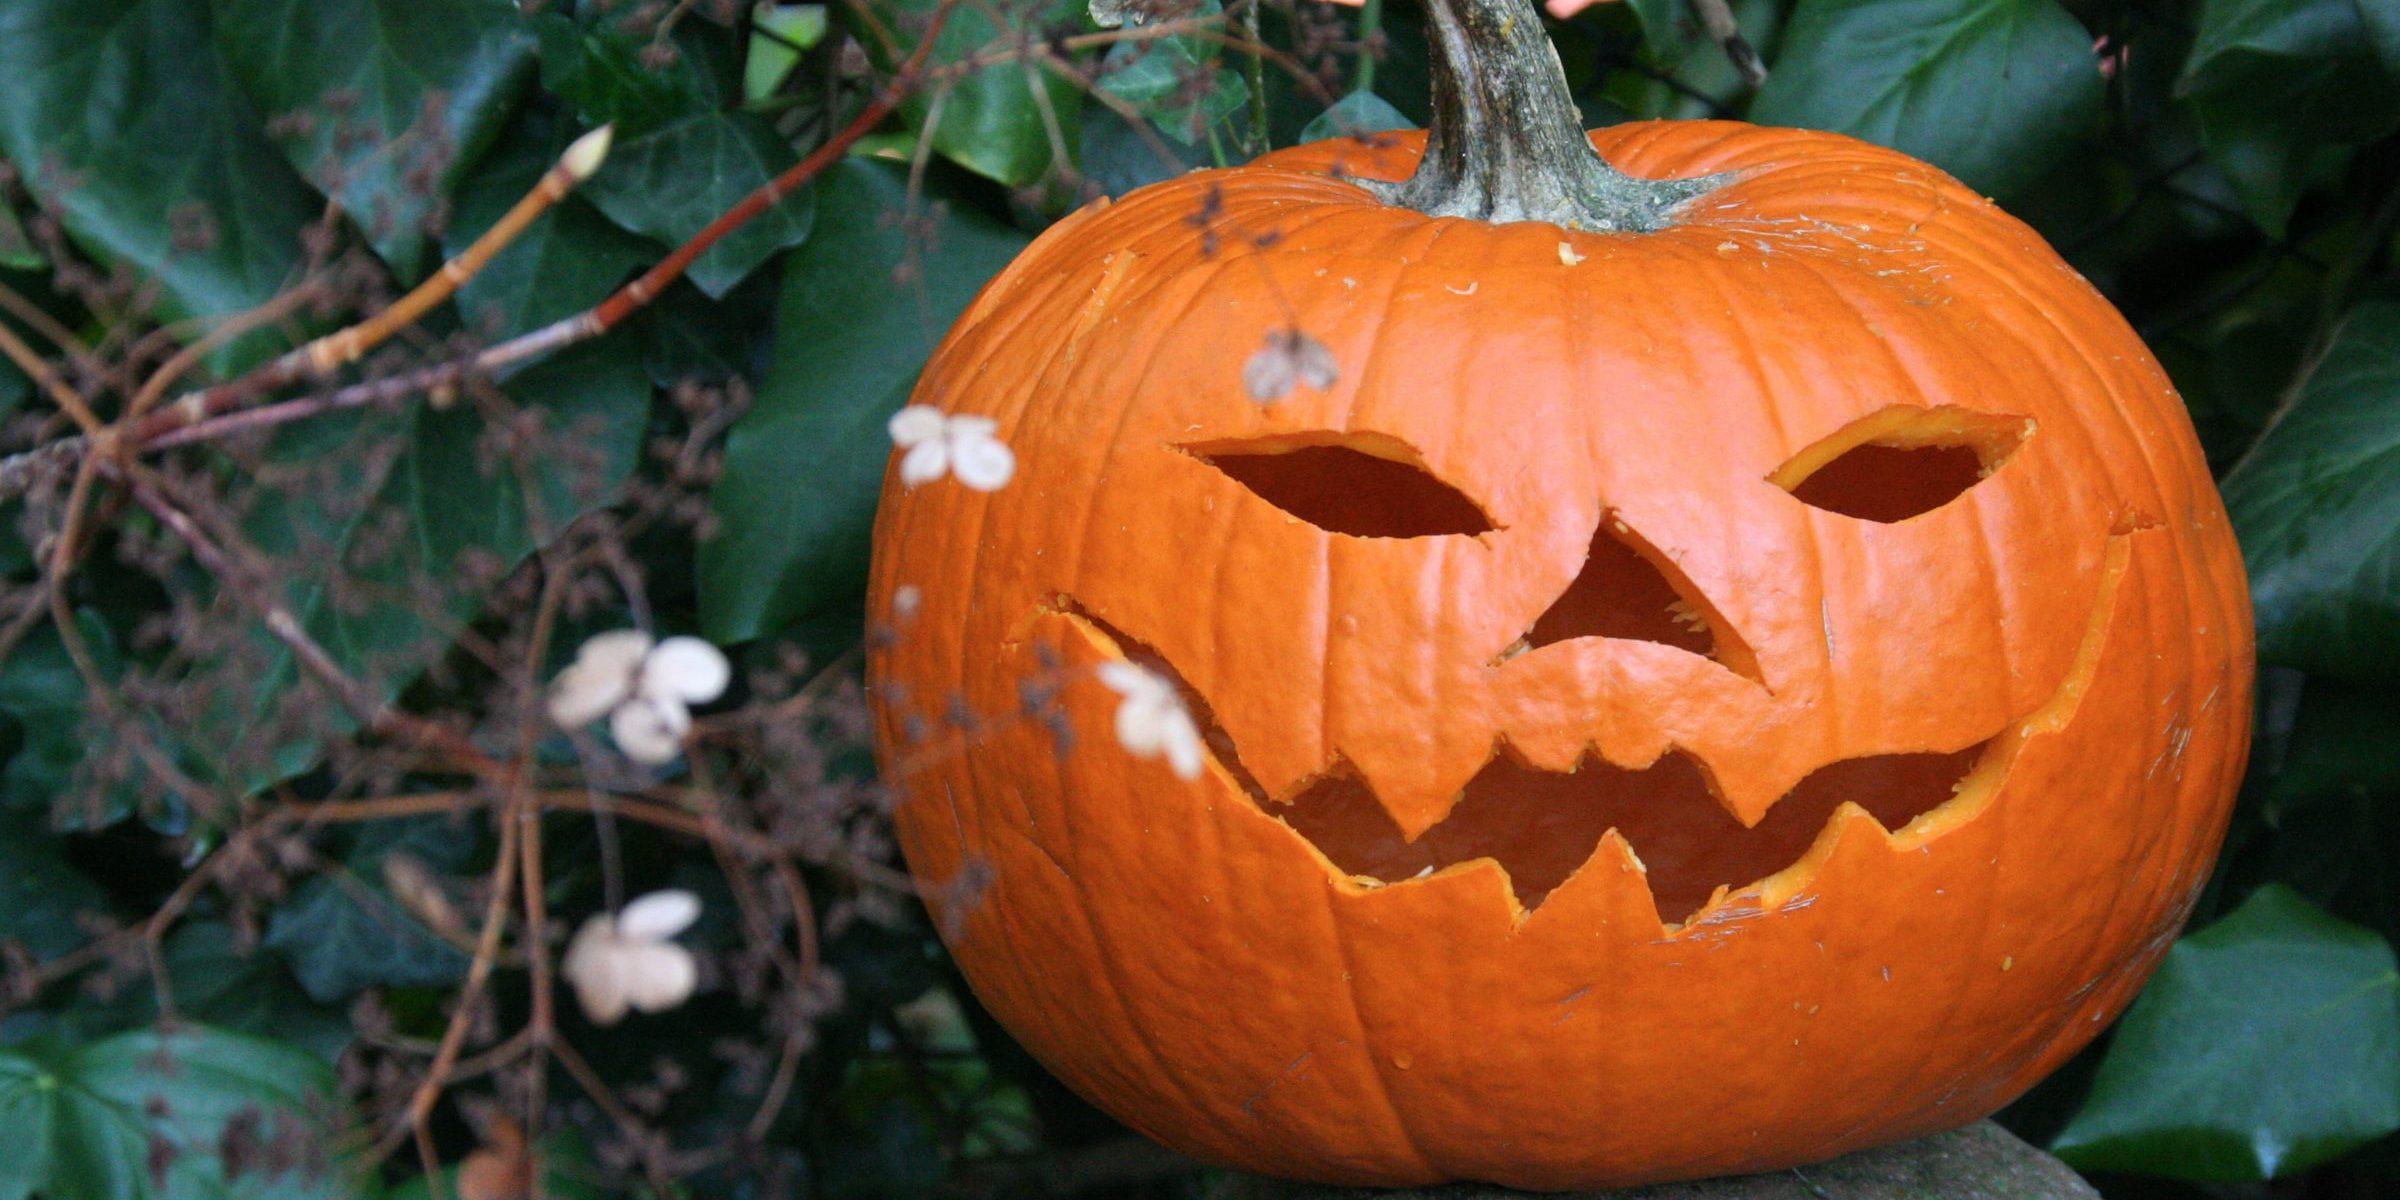 A carved Halloween pumpkin